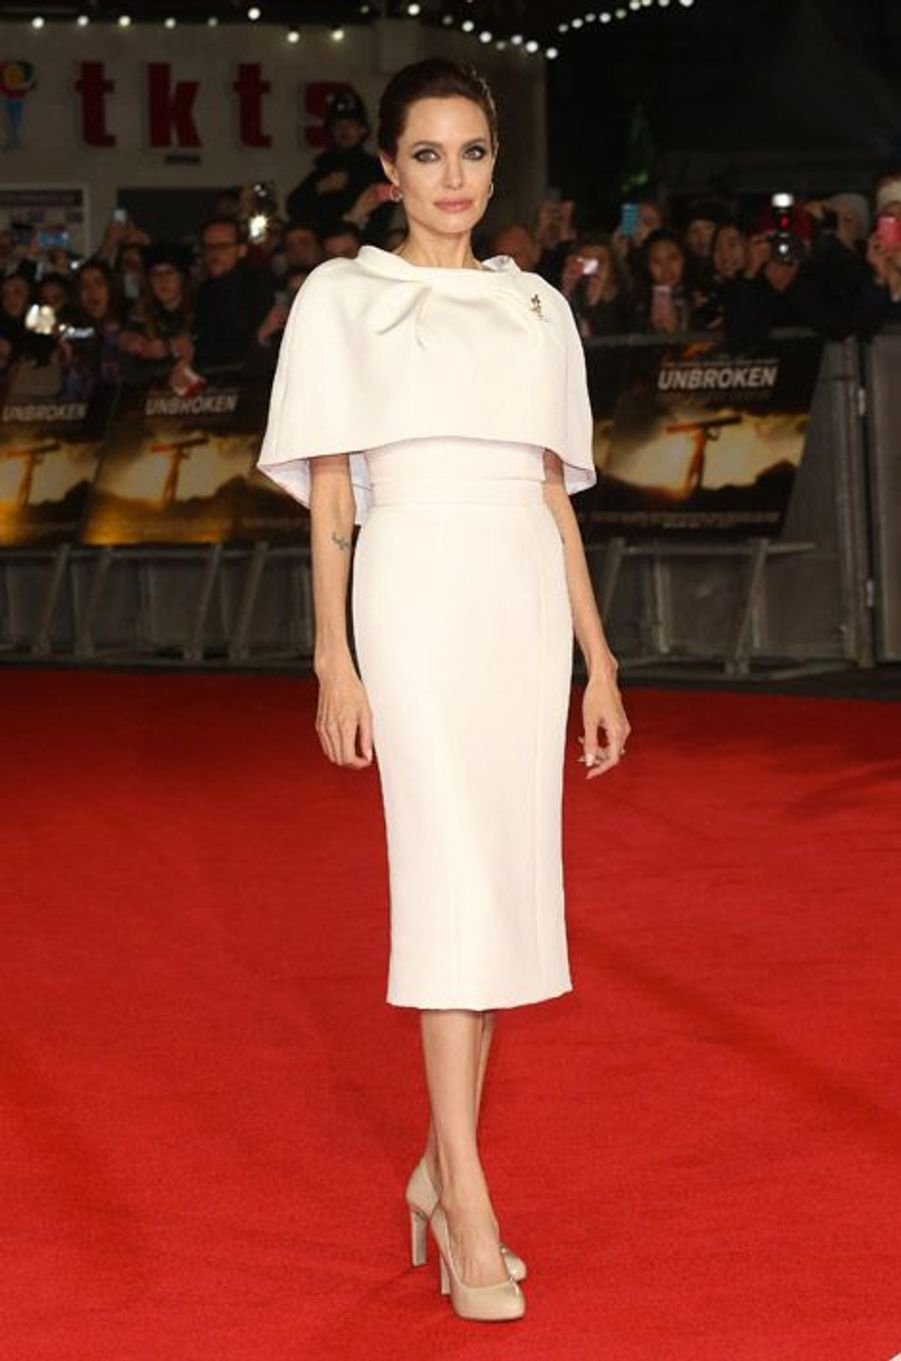 """La réalisatrice Angelina Jolie lors de la première de son film """"Invincible"""", en Ralph and Russo, à Londres, le 25 novembre 2014"""